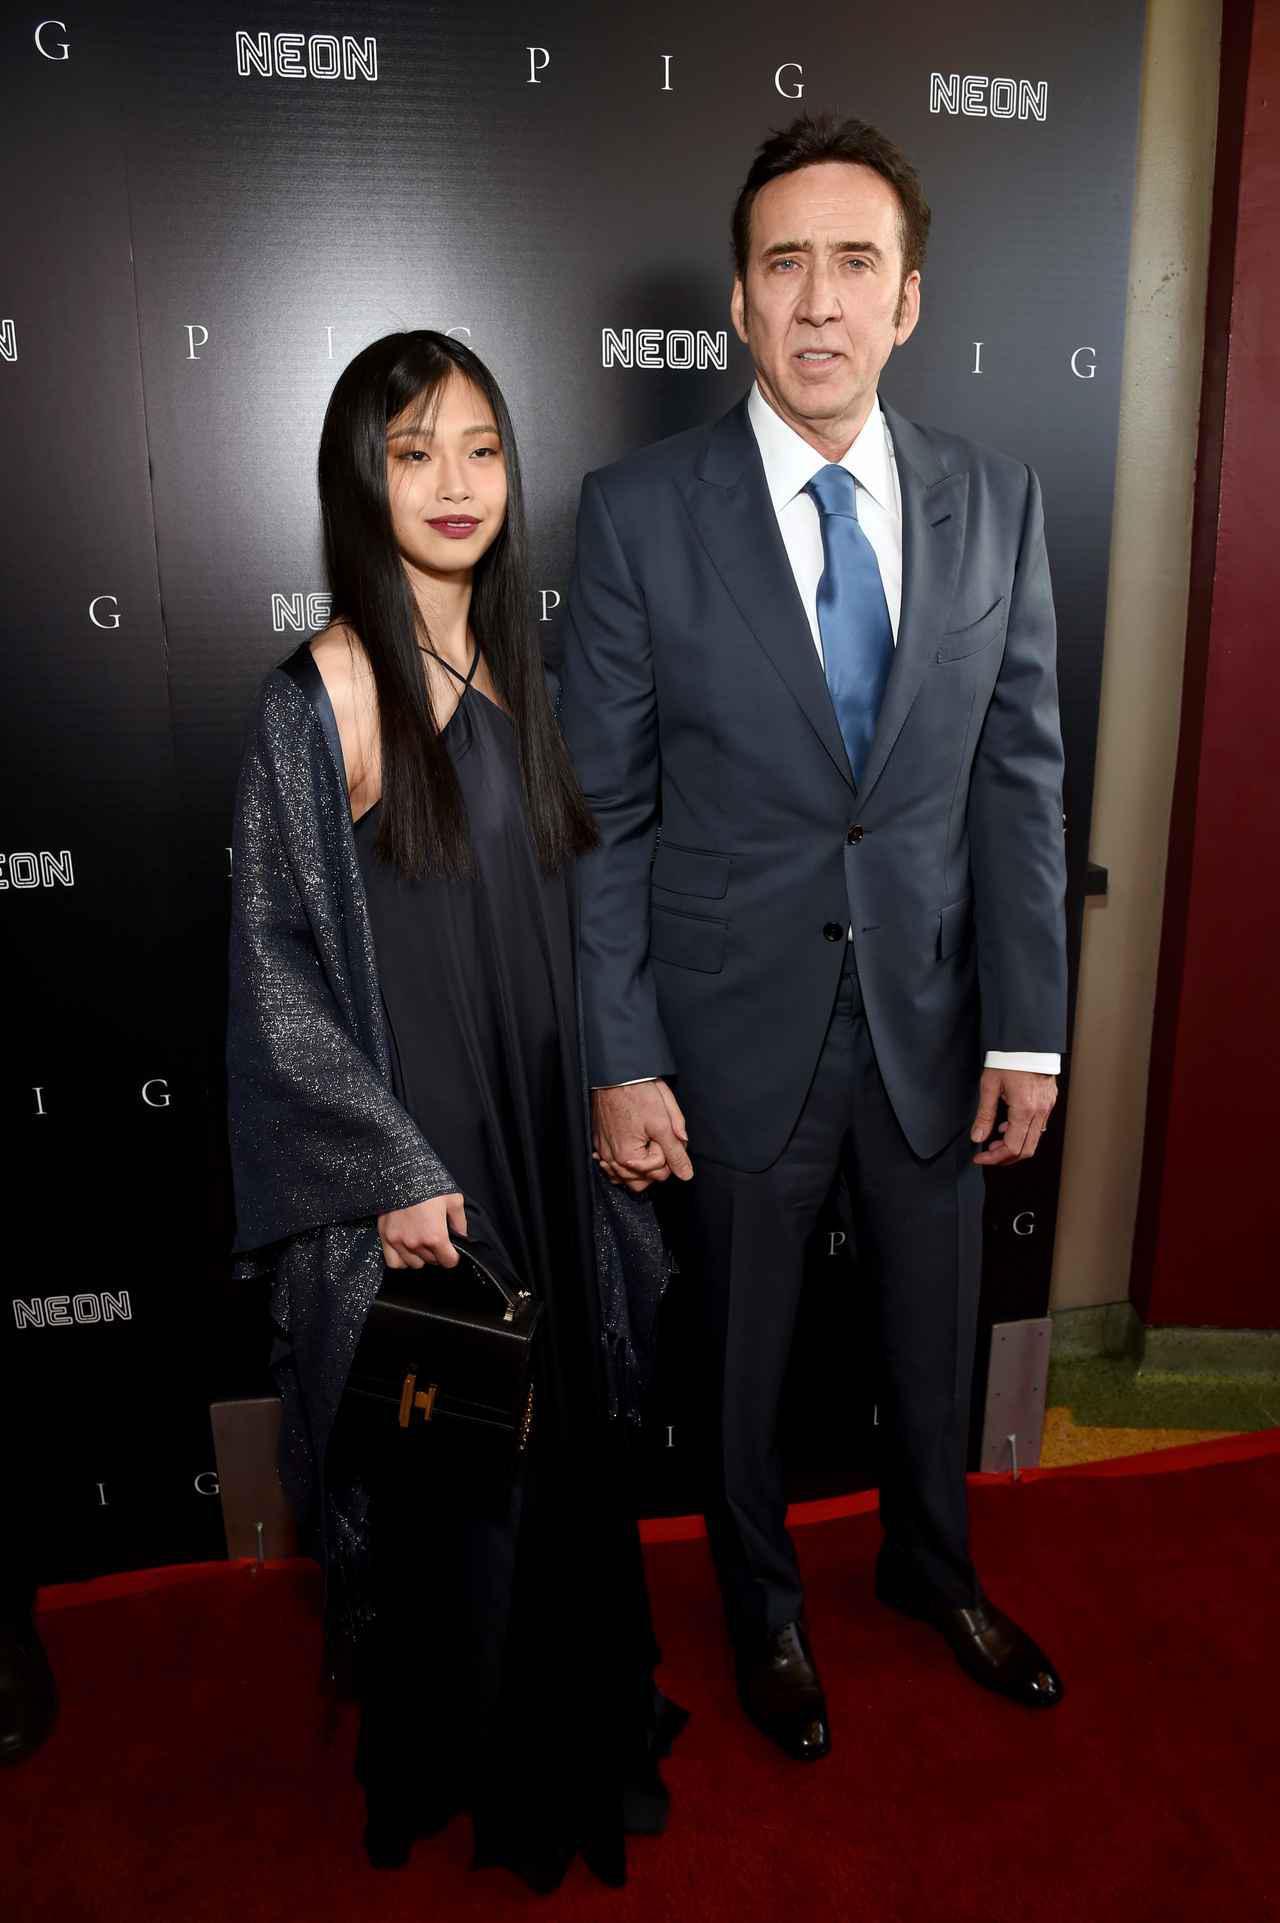 画像: ニコラス・ケイジ、日本人妻との馴れ初めを明かす